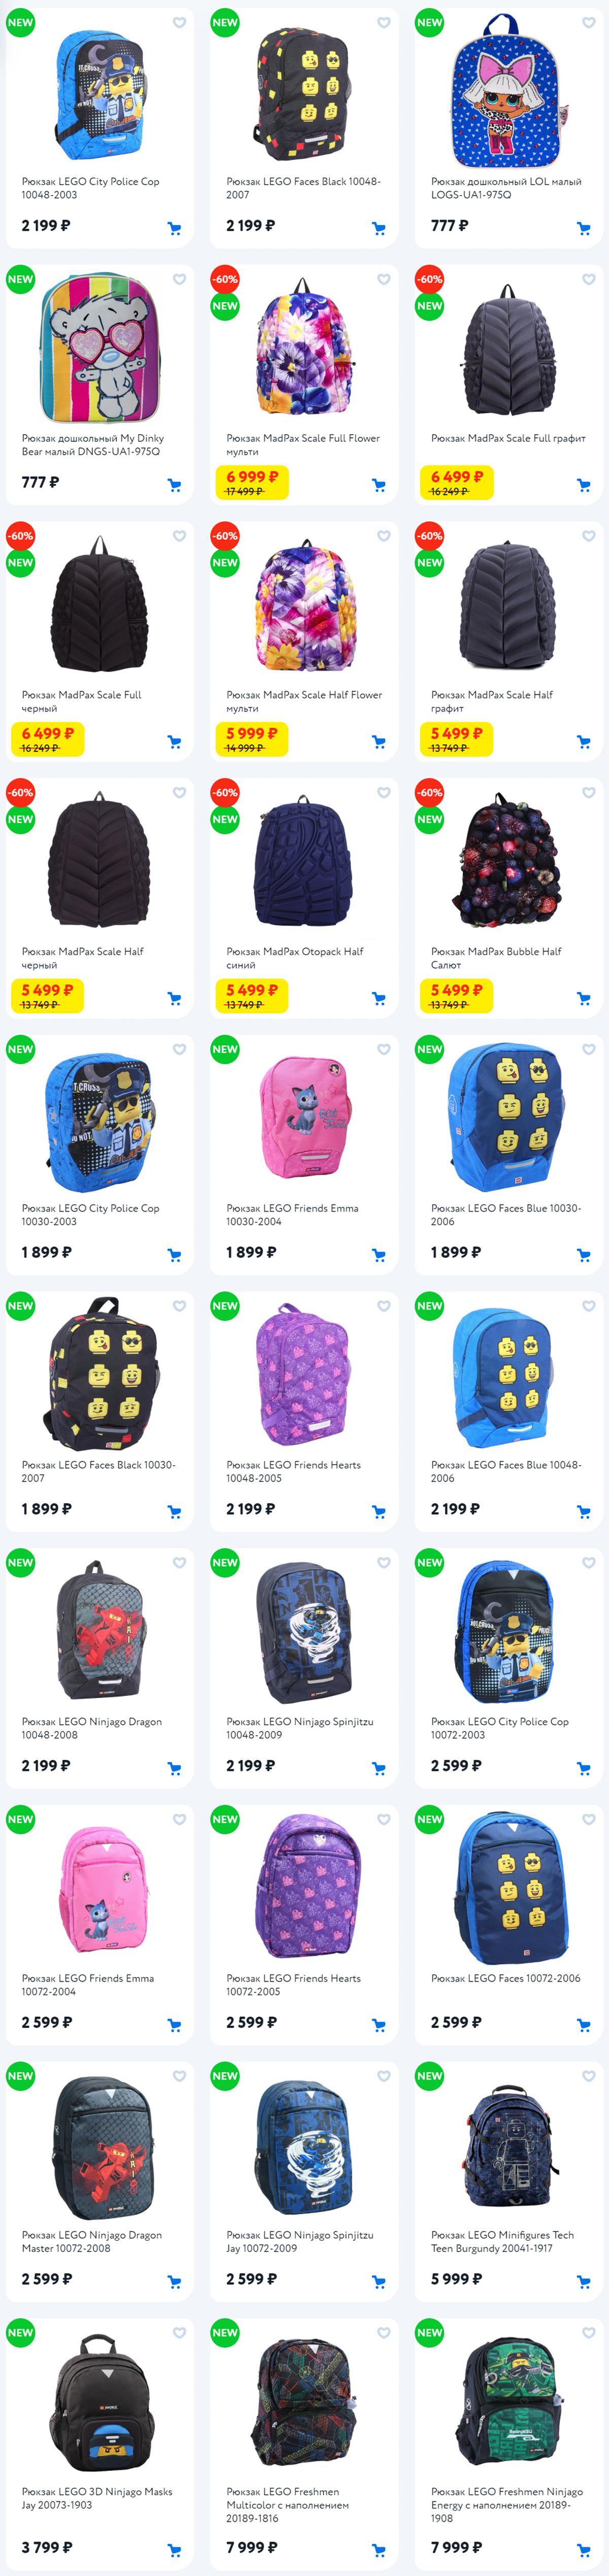 Детский мир Самара: Школьные рюкзаки